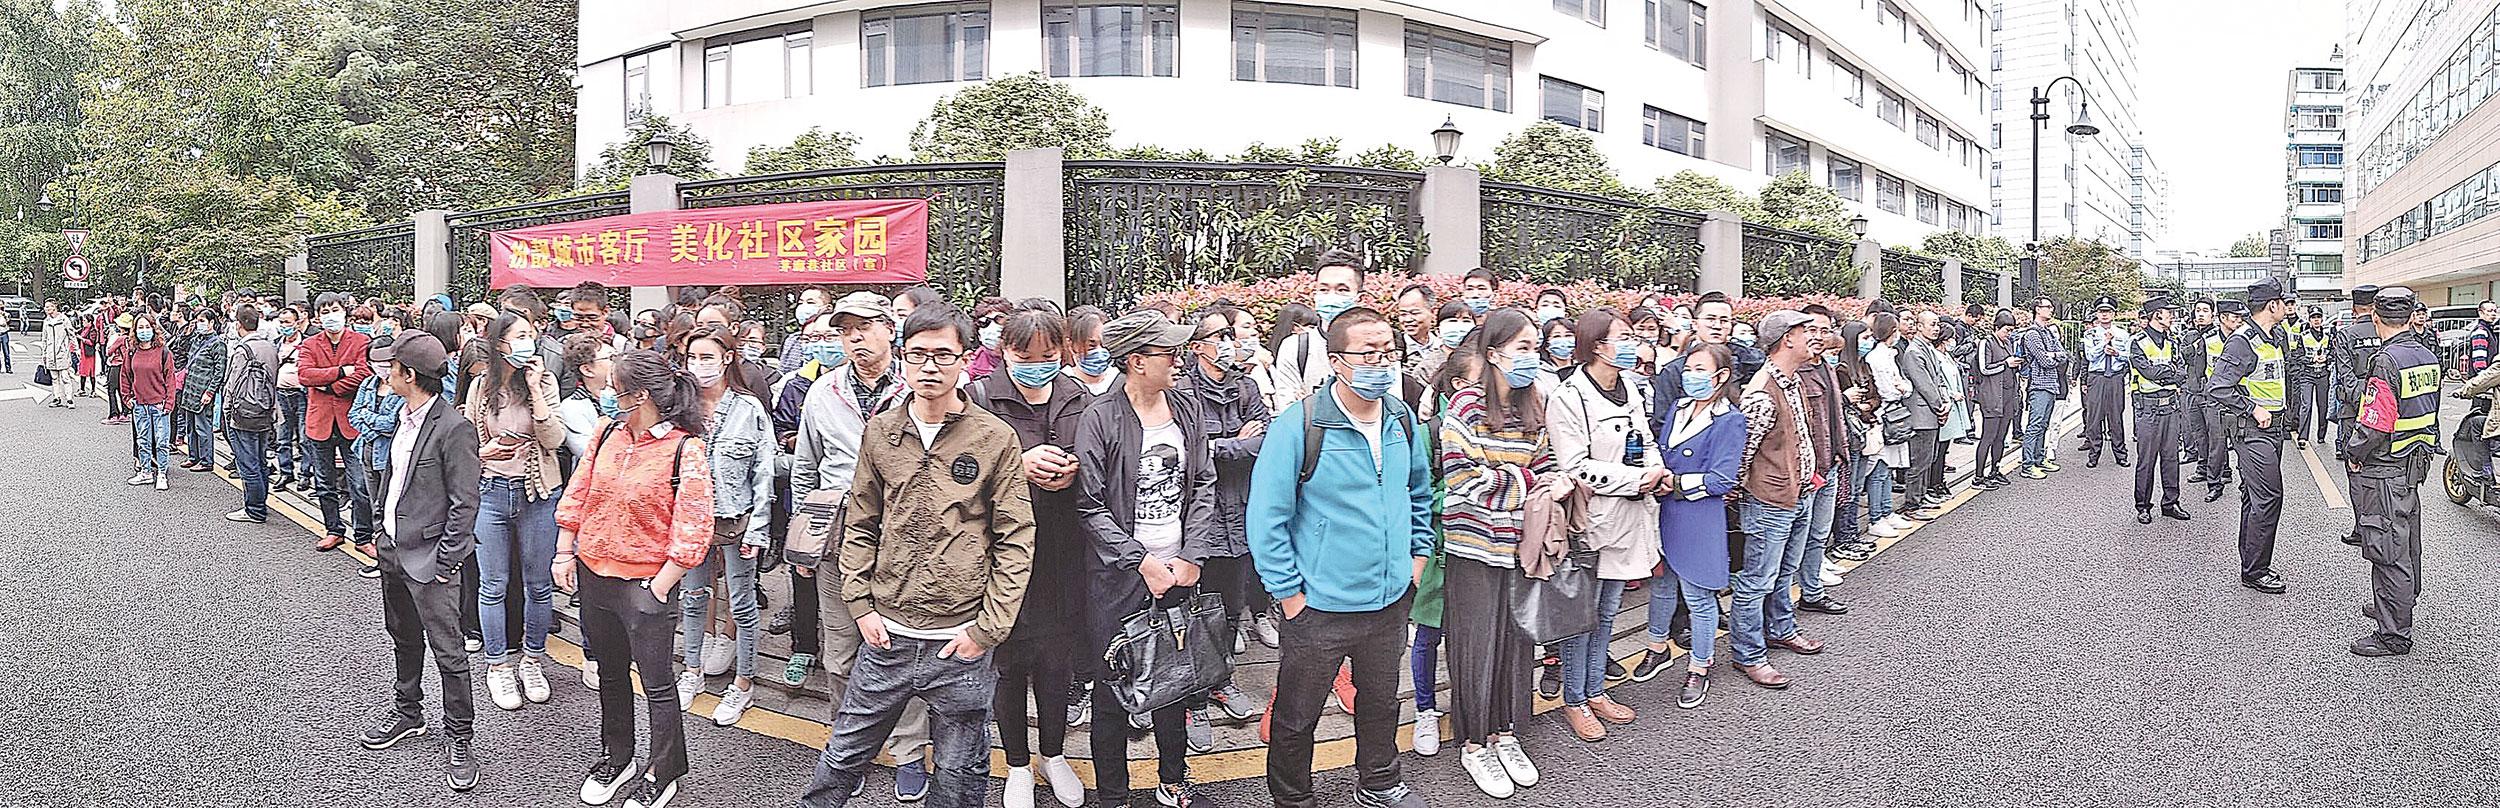 隨著中國經濟下行、失業潮擴大,中國民間的維權抗爭事件與官民衝突,恐將與日俱增。(大紀元資料圖片)